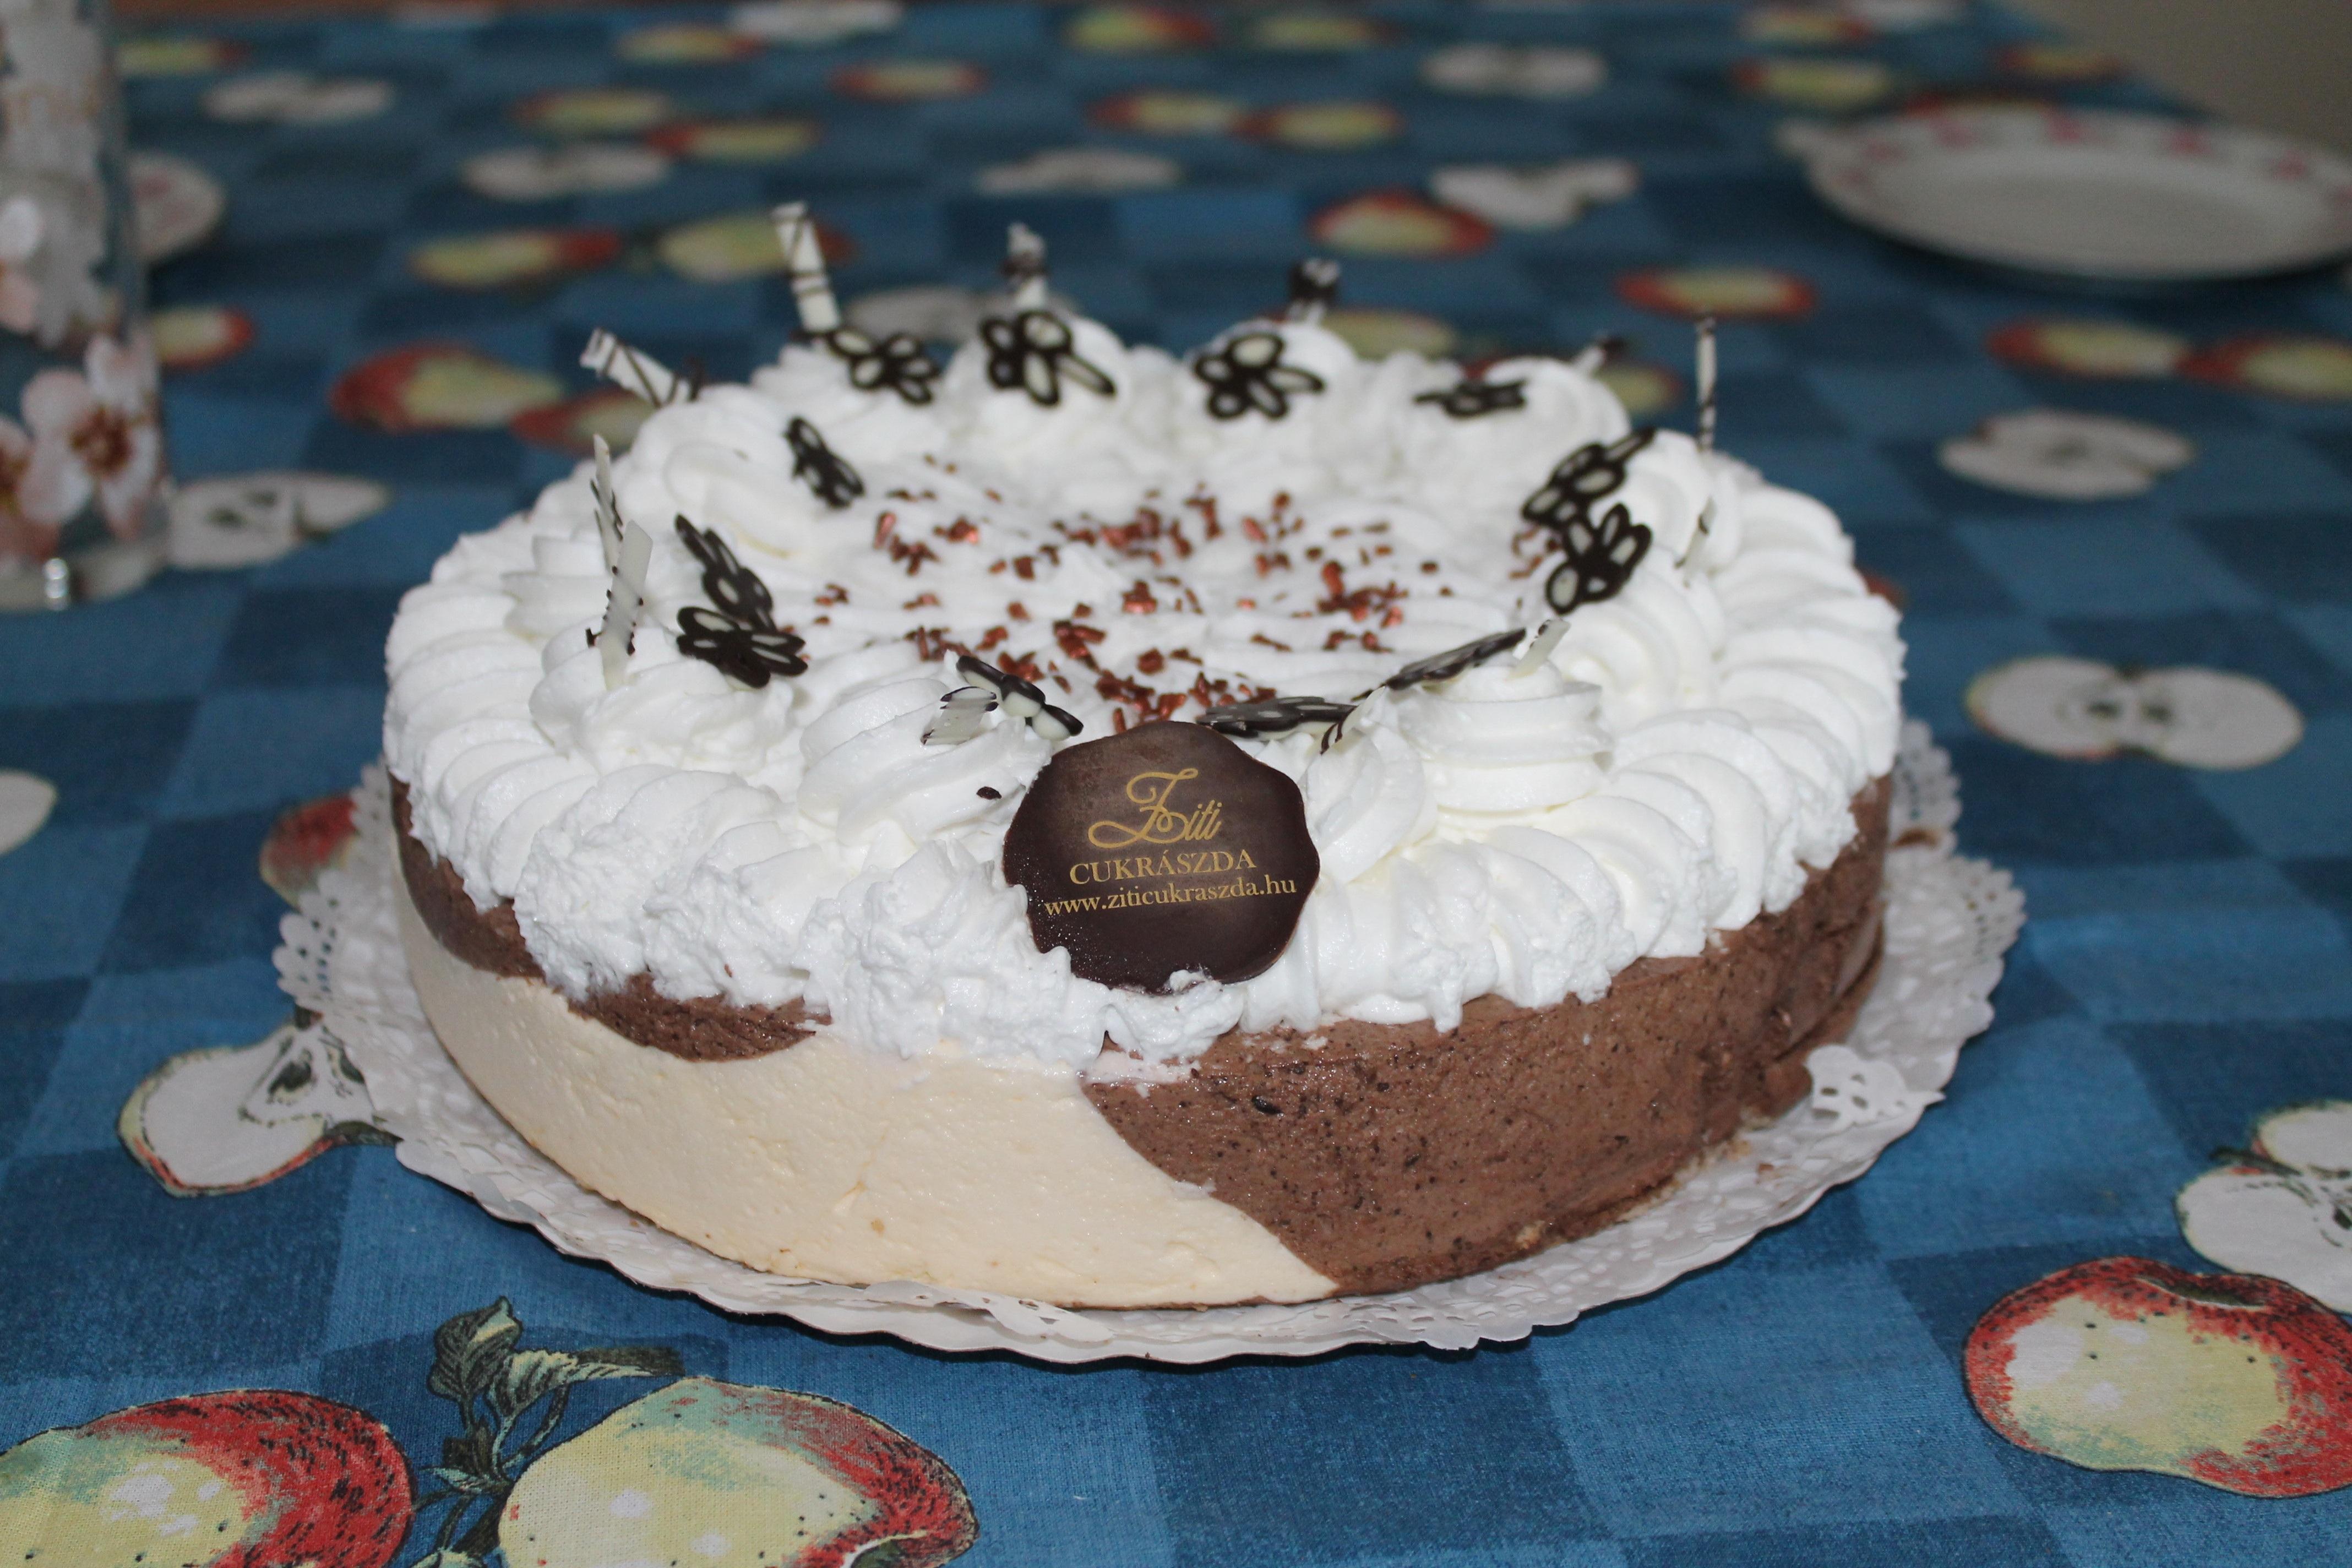 comida horneando postre cocina pastel crema batida formacin de hielo cumpleaos productos horneados torta crema de